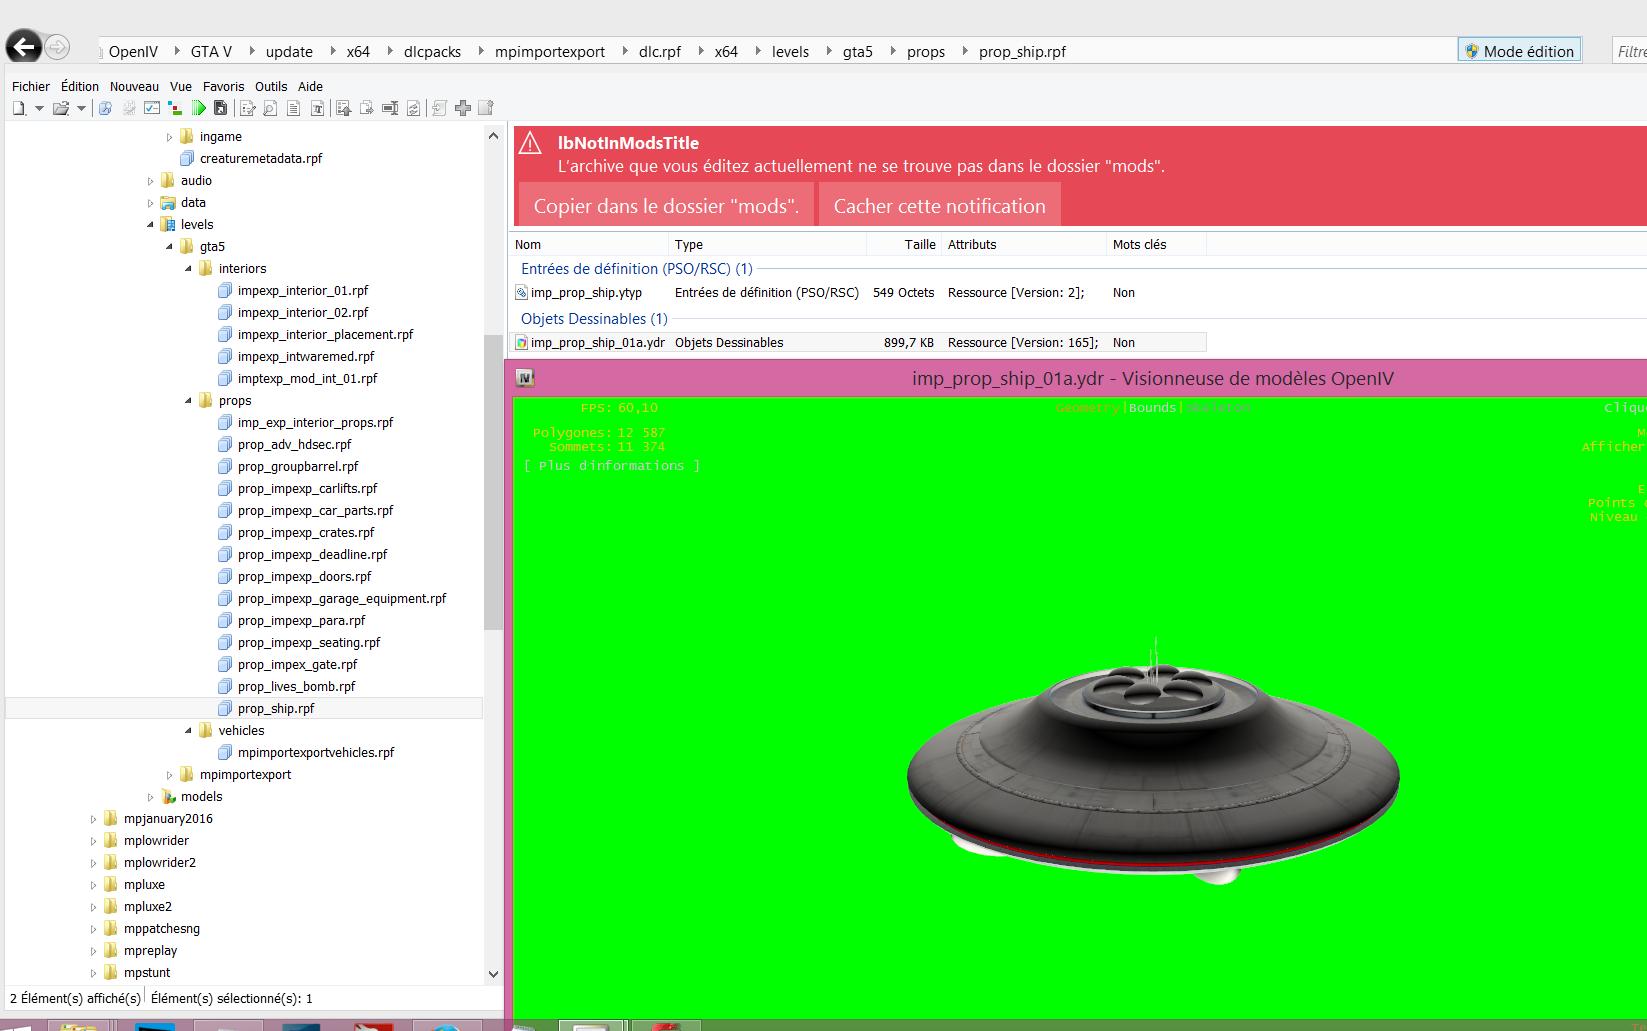 New DLC Object List 1.0